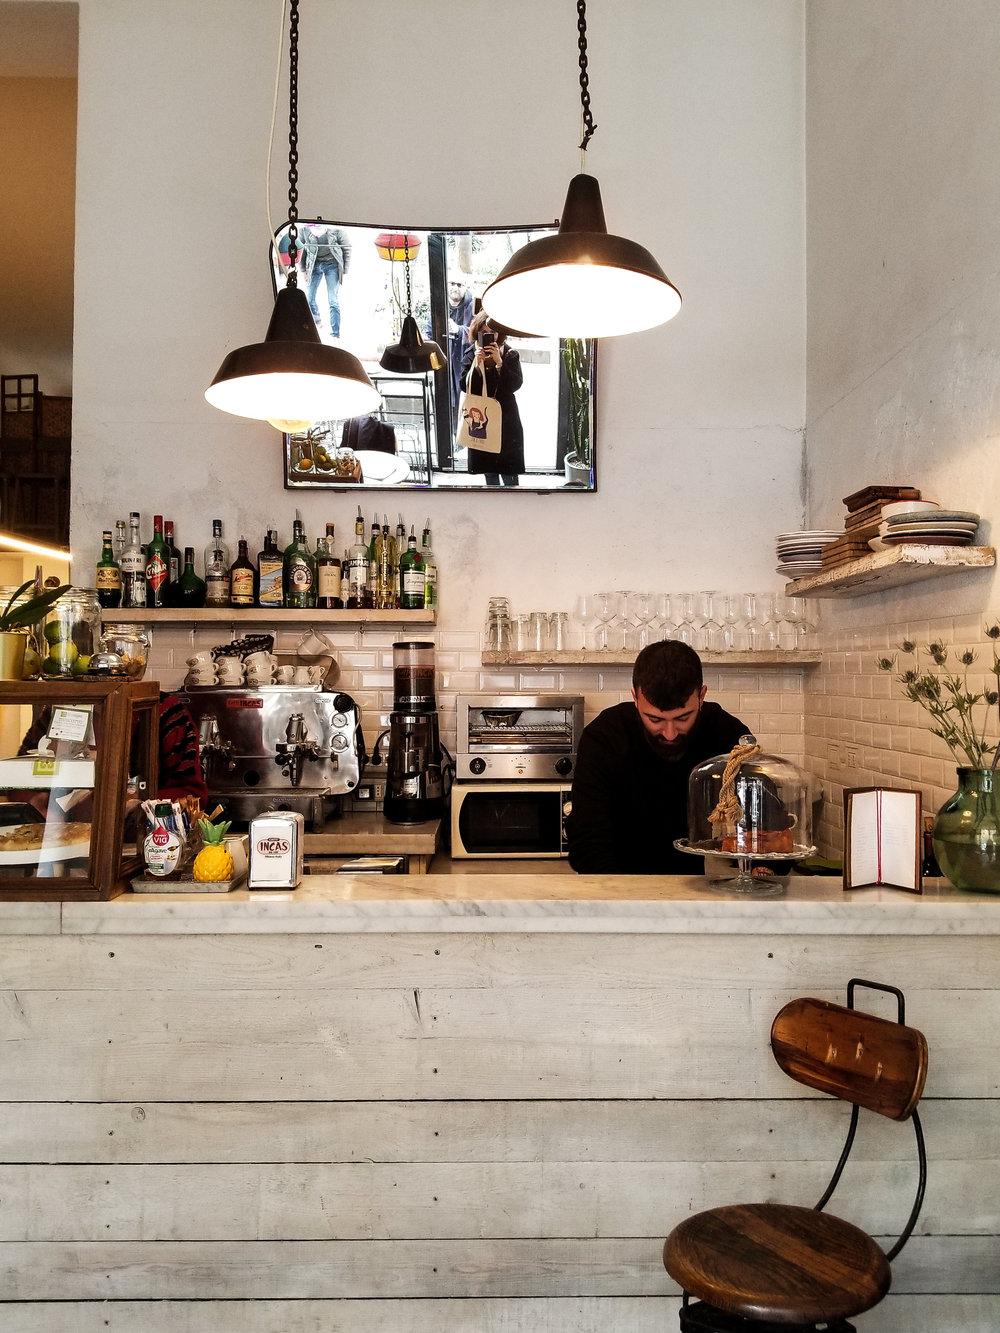 Atelier+Mave+-+Pause+Cafe+Milano.jpg